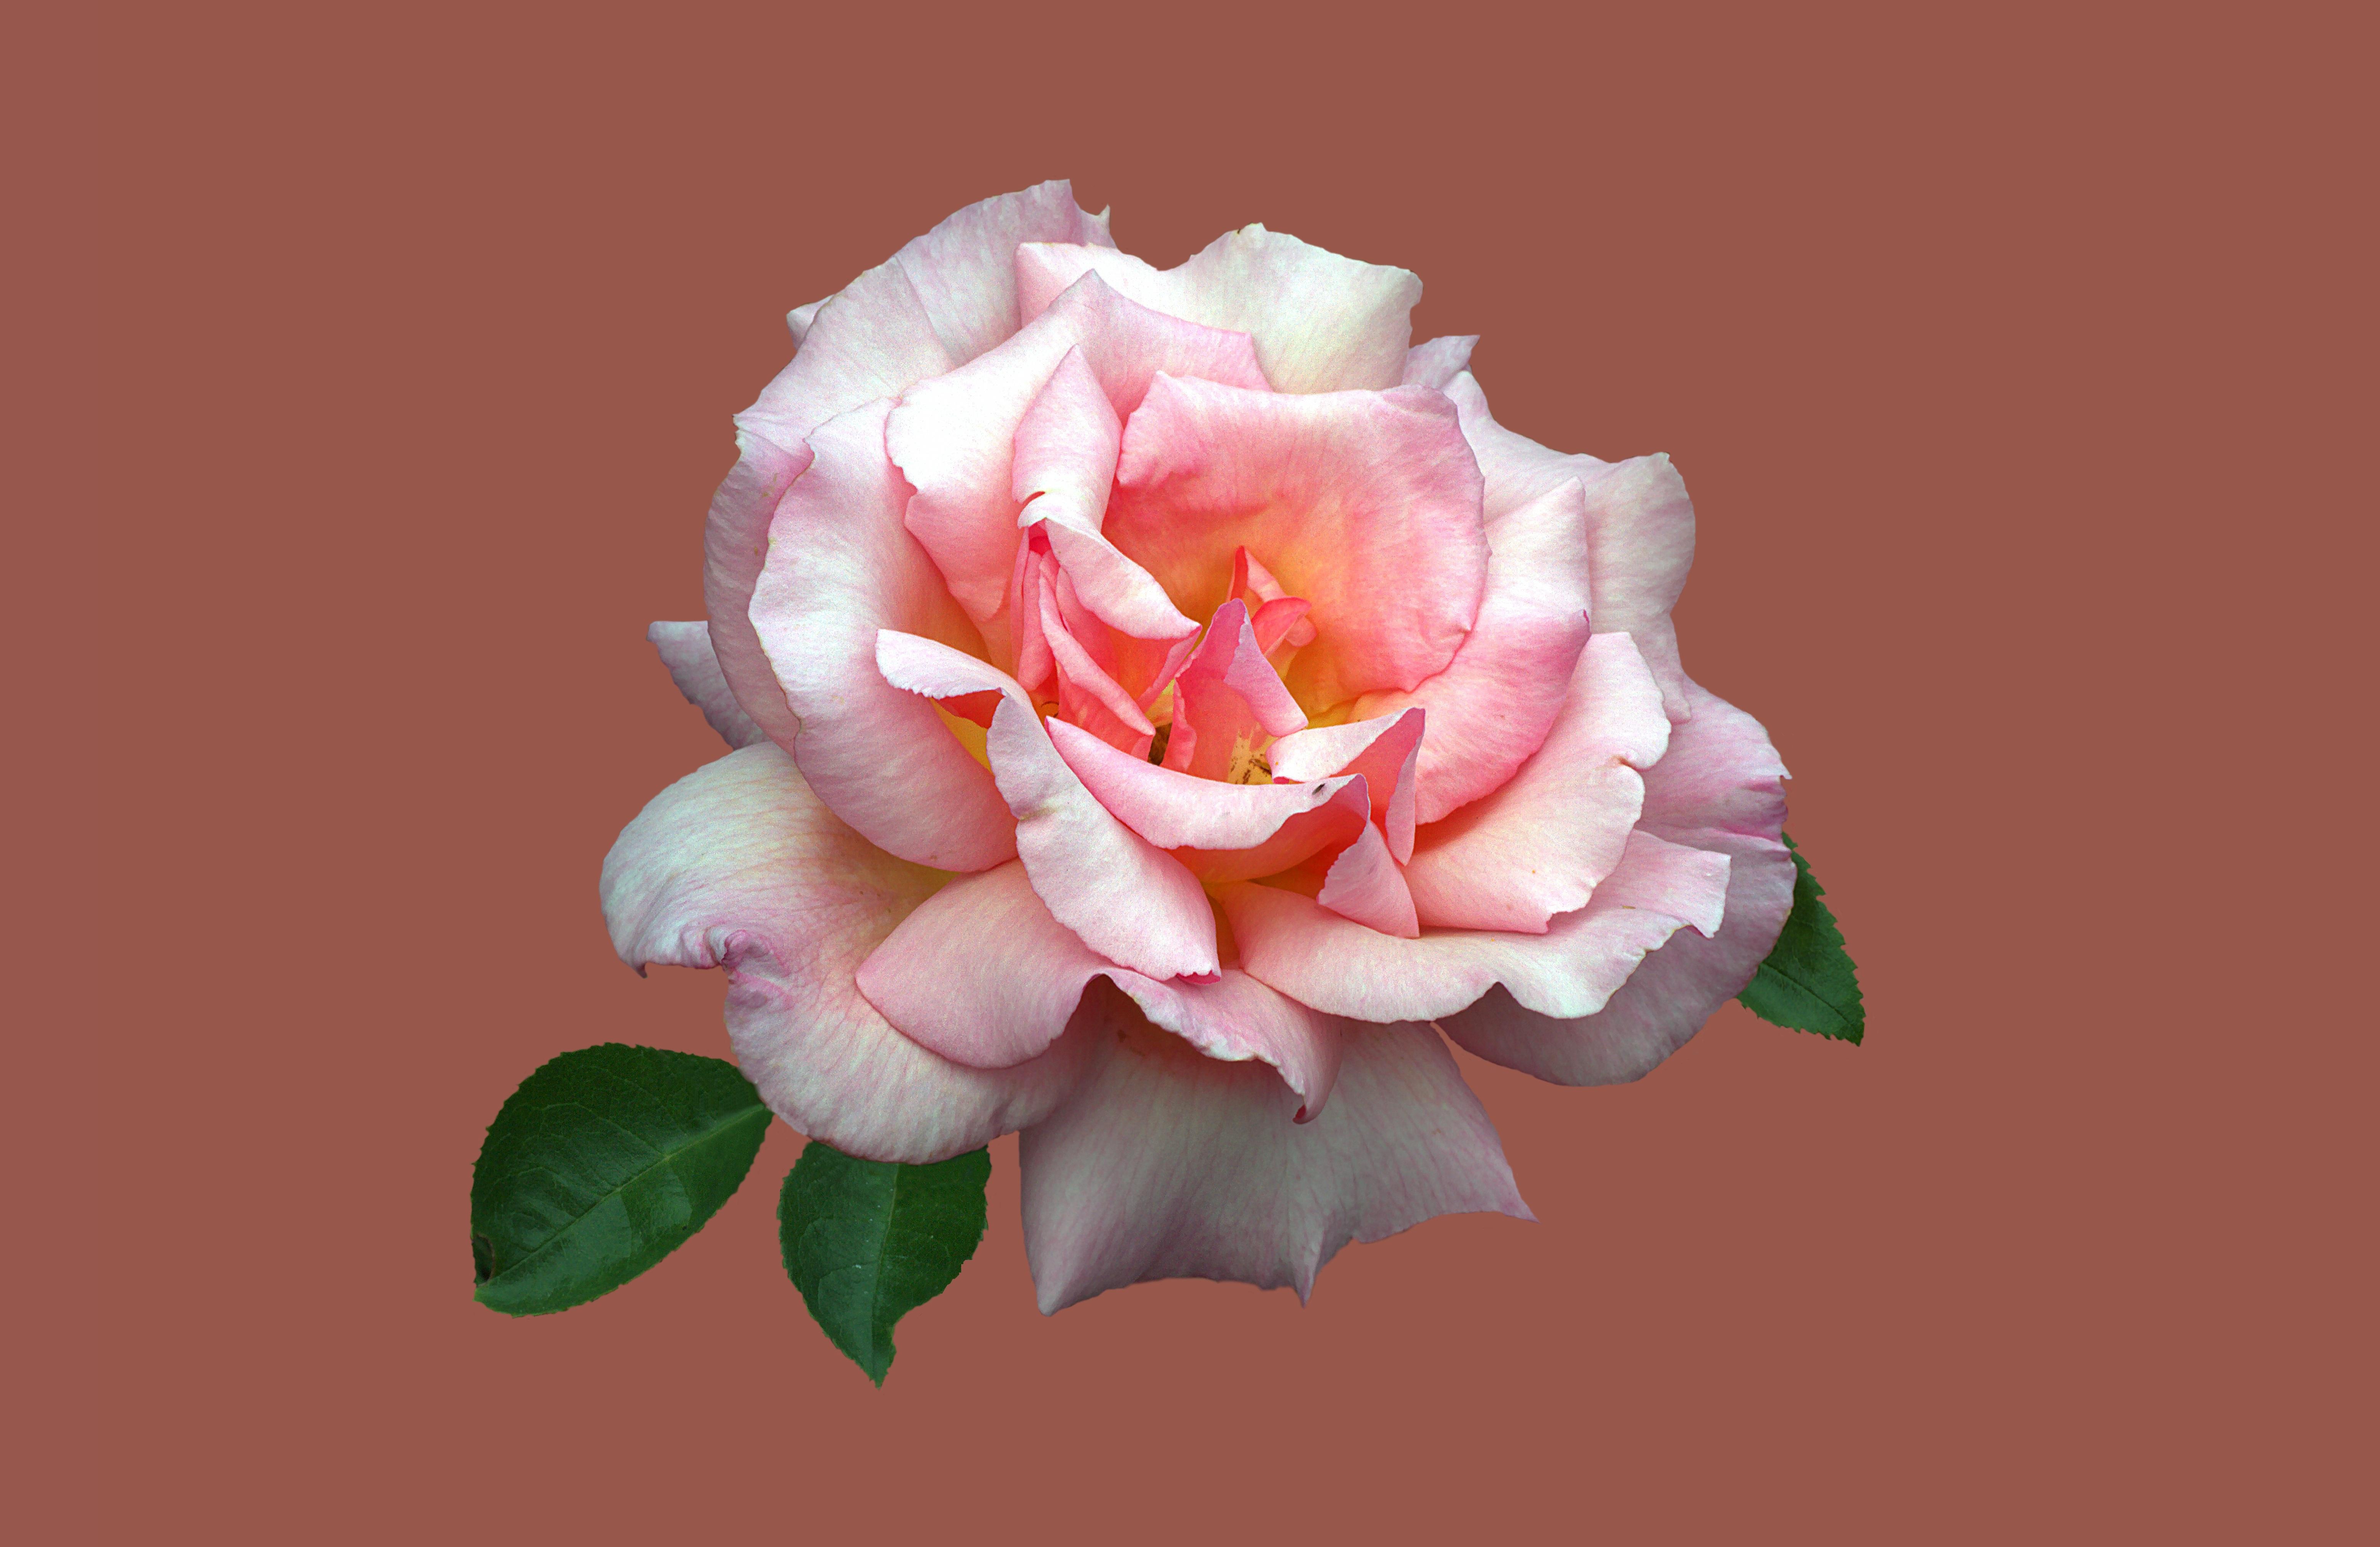 Фото цветы розы с поцелуем